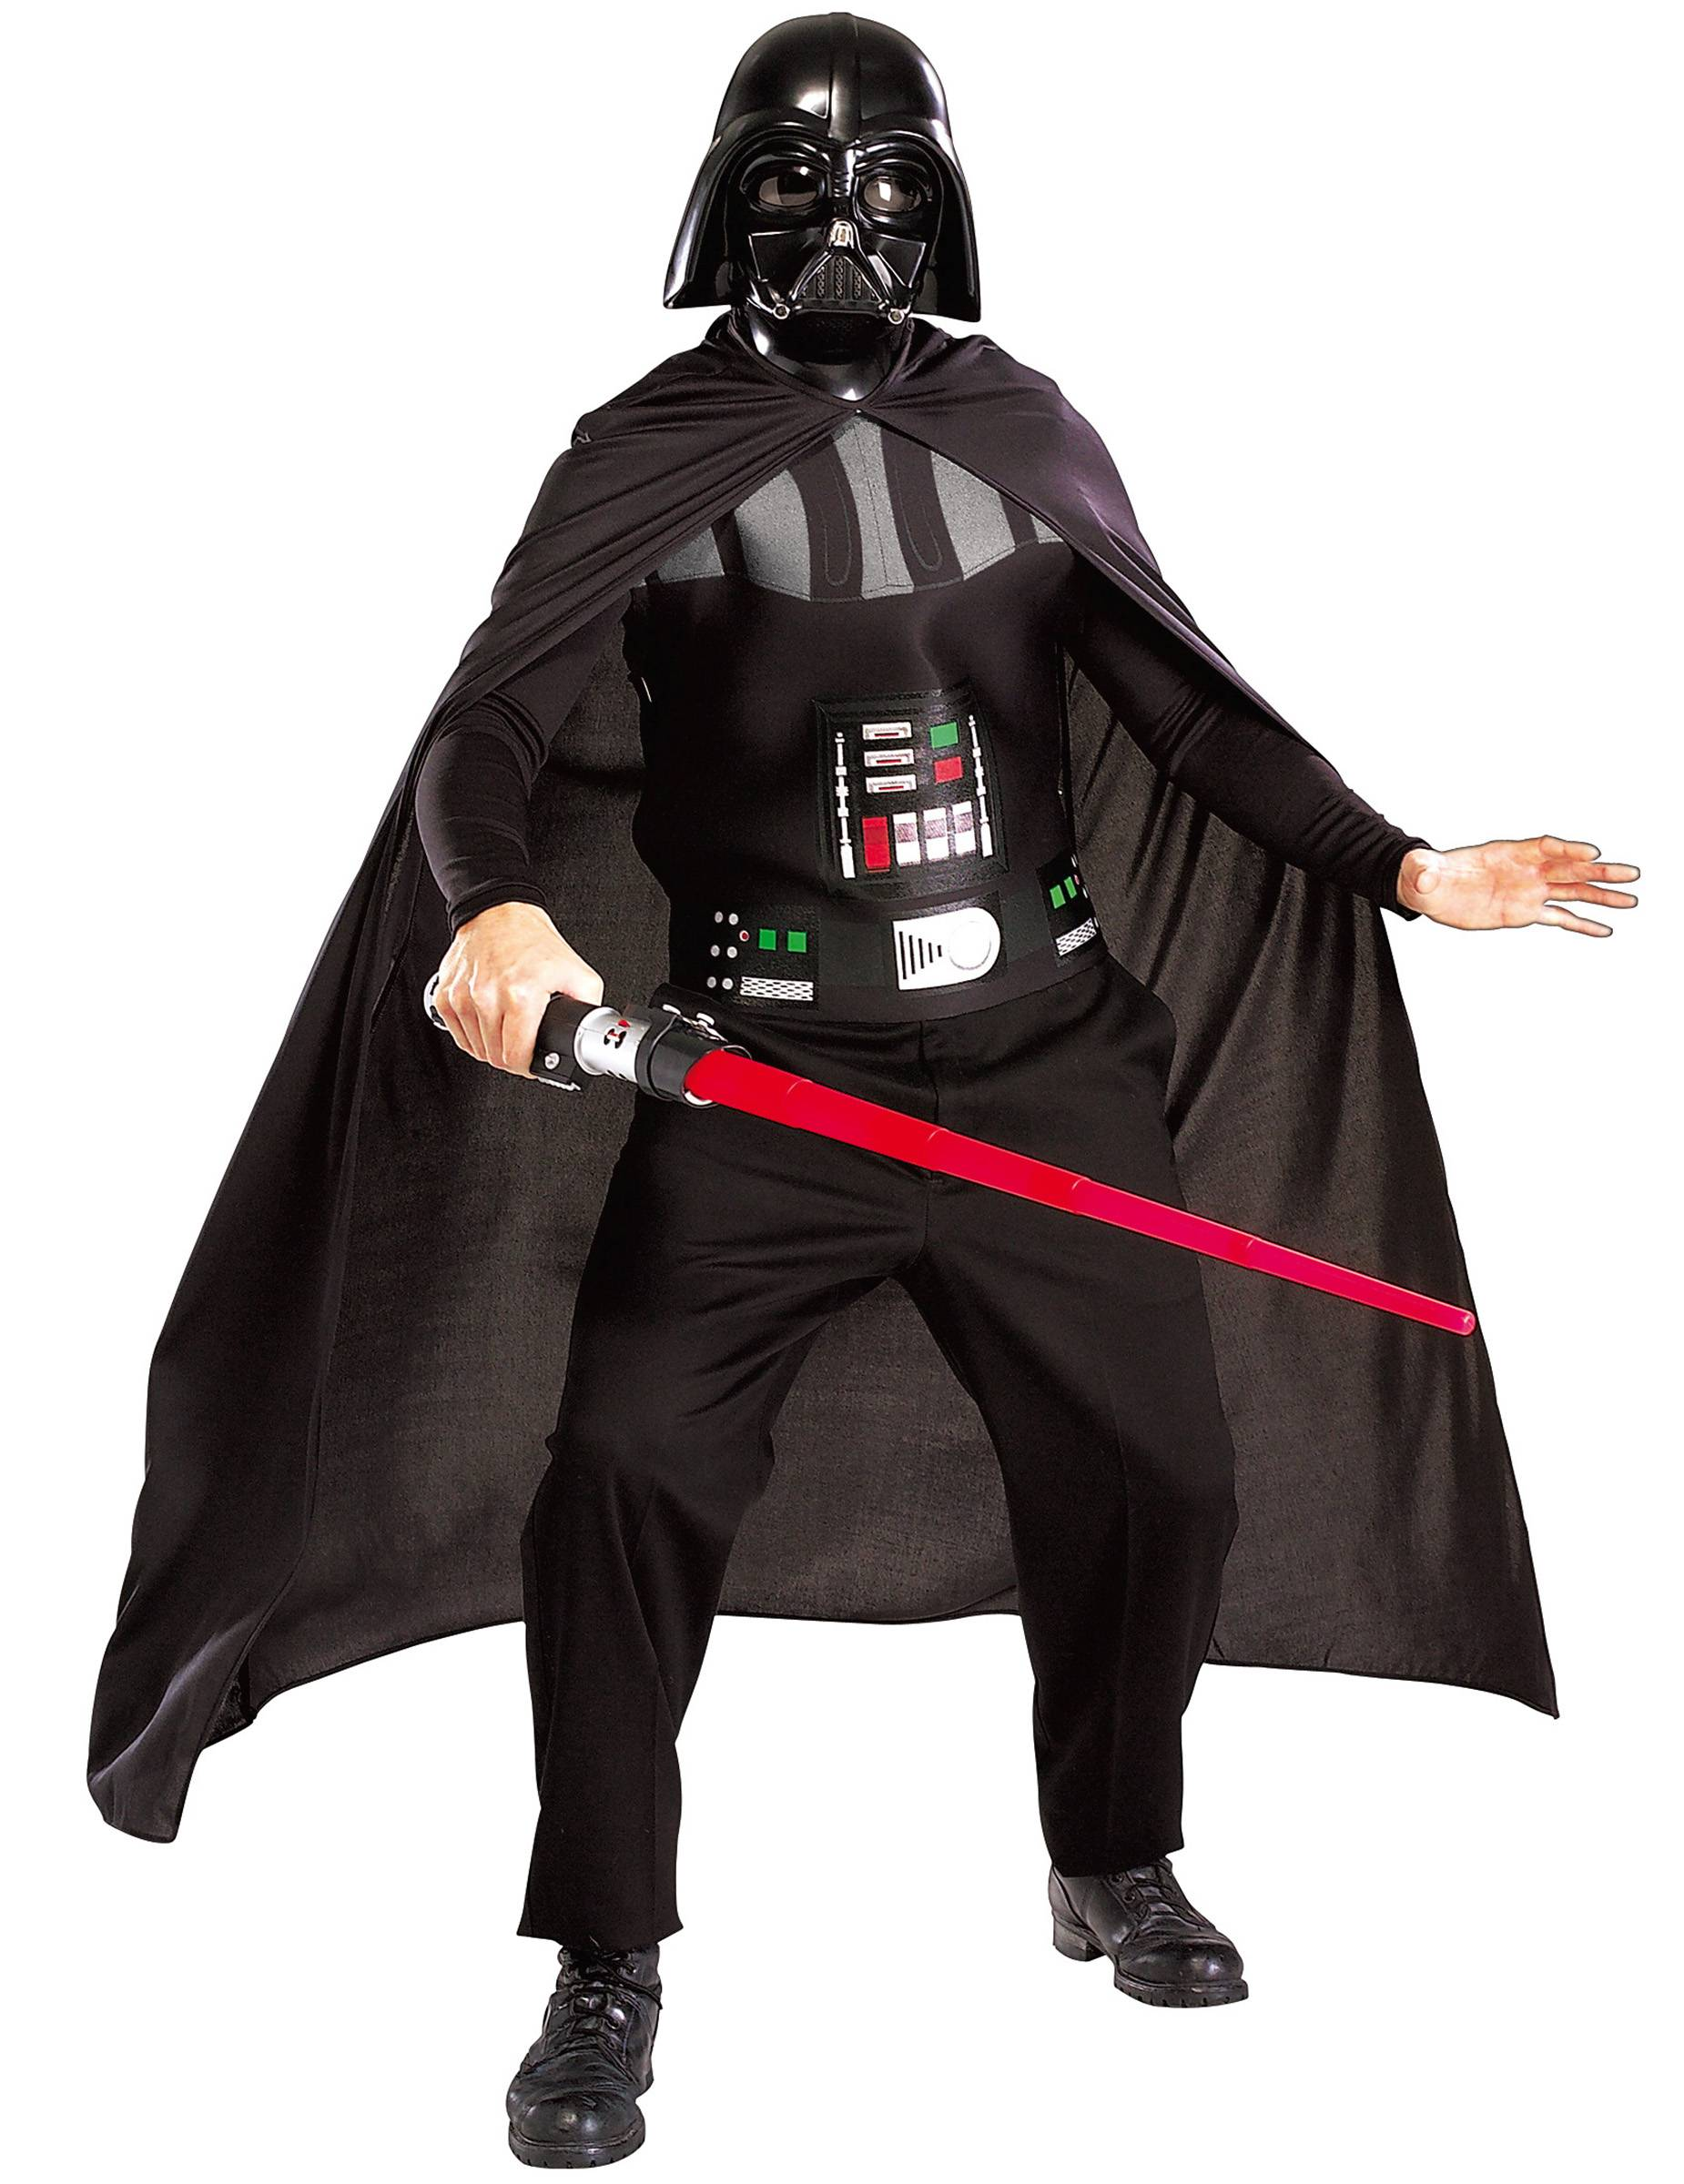 Vegaoo.es Disfraz de Darth Vader de Star Wars para hombre